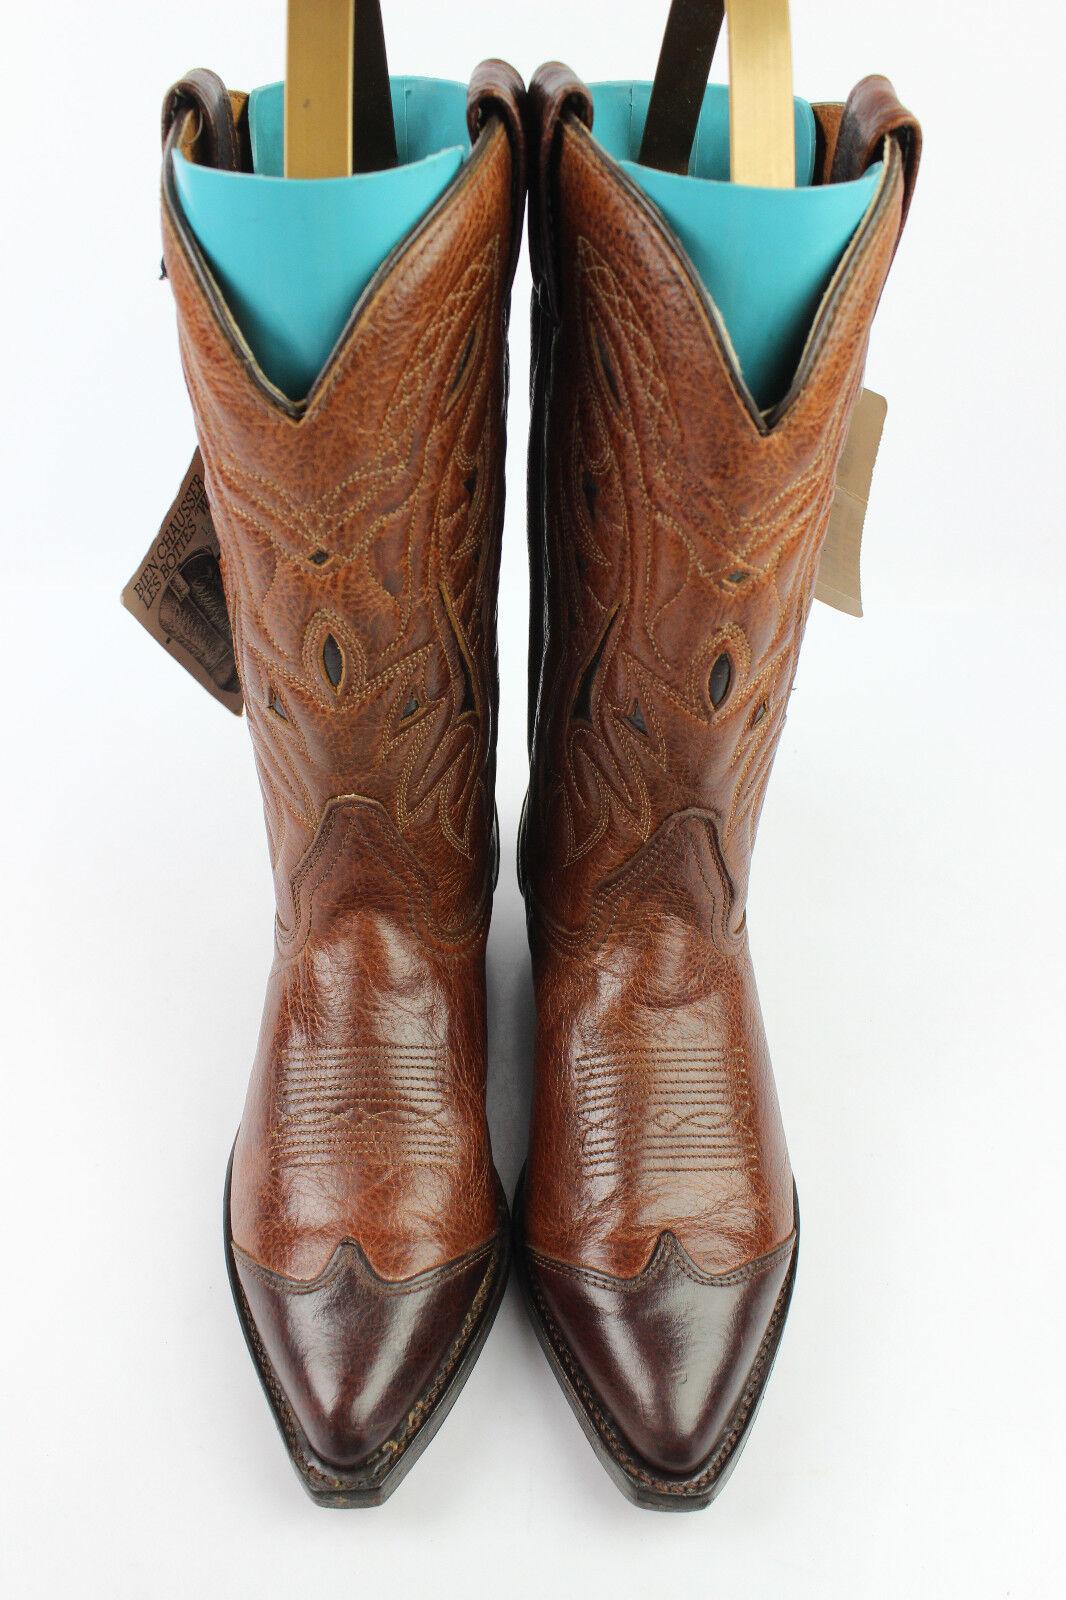 Bottes Cowboy Marron Western DOUBLE H Tout Cuir Marron Cowboy US 7,5 / Fr 37,5 EXCELLENT ETAT 67266a